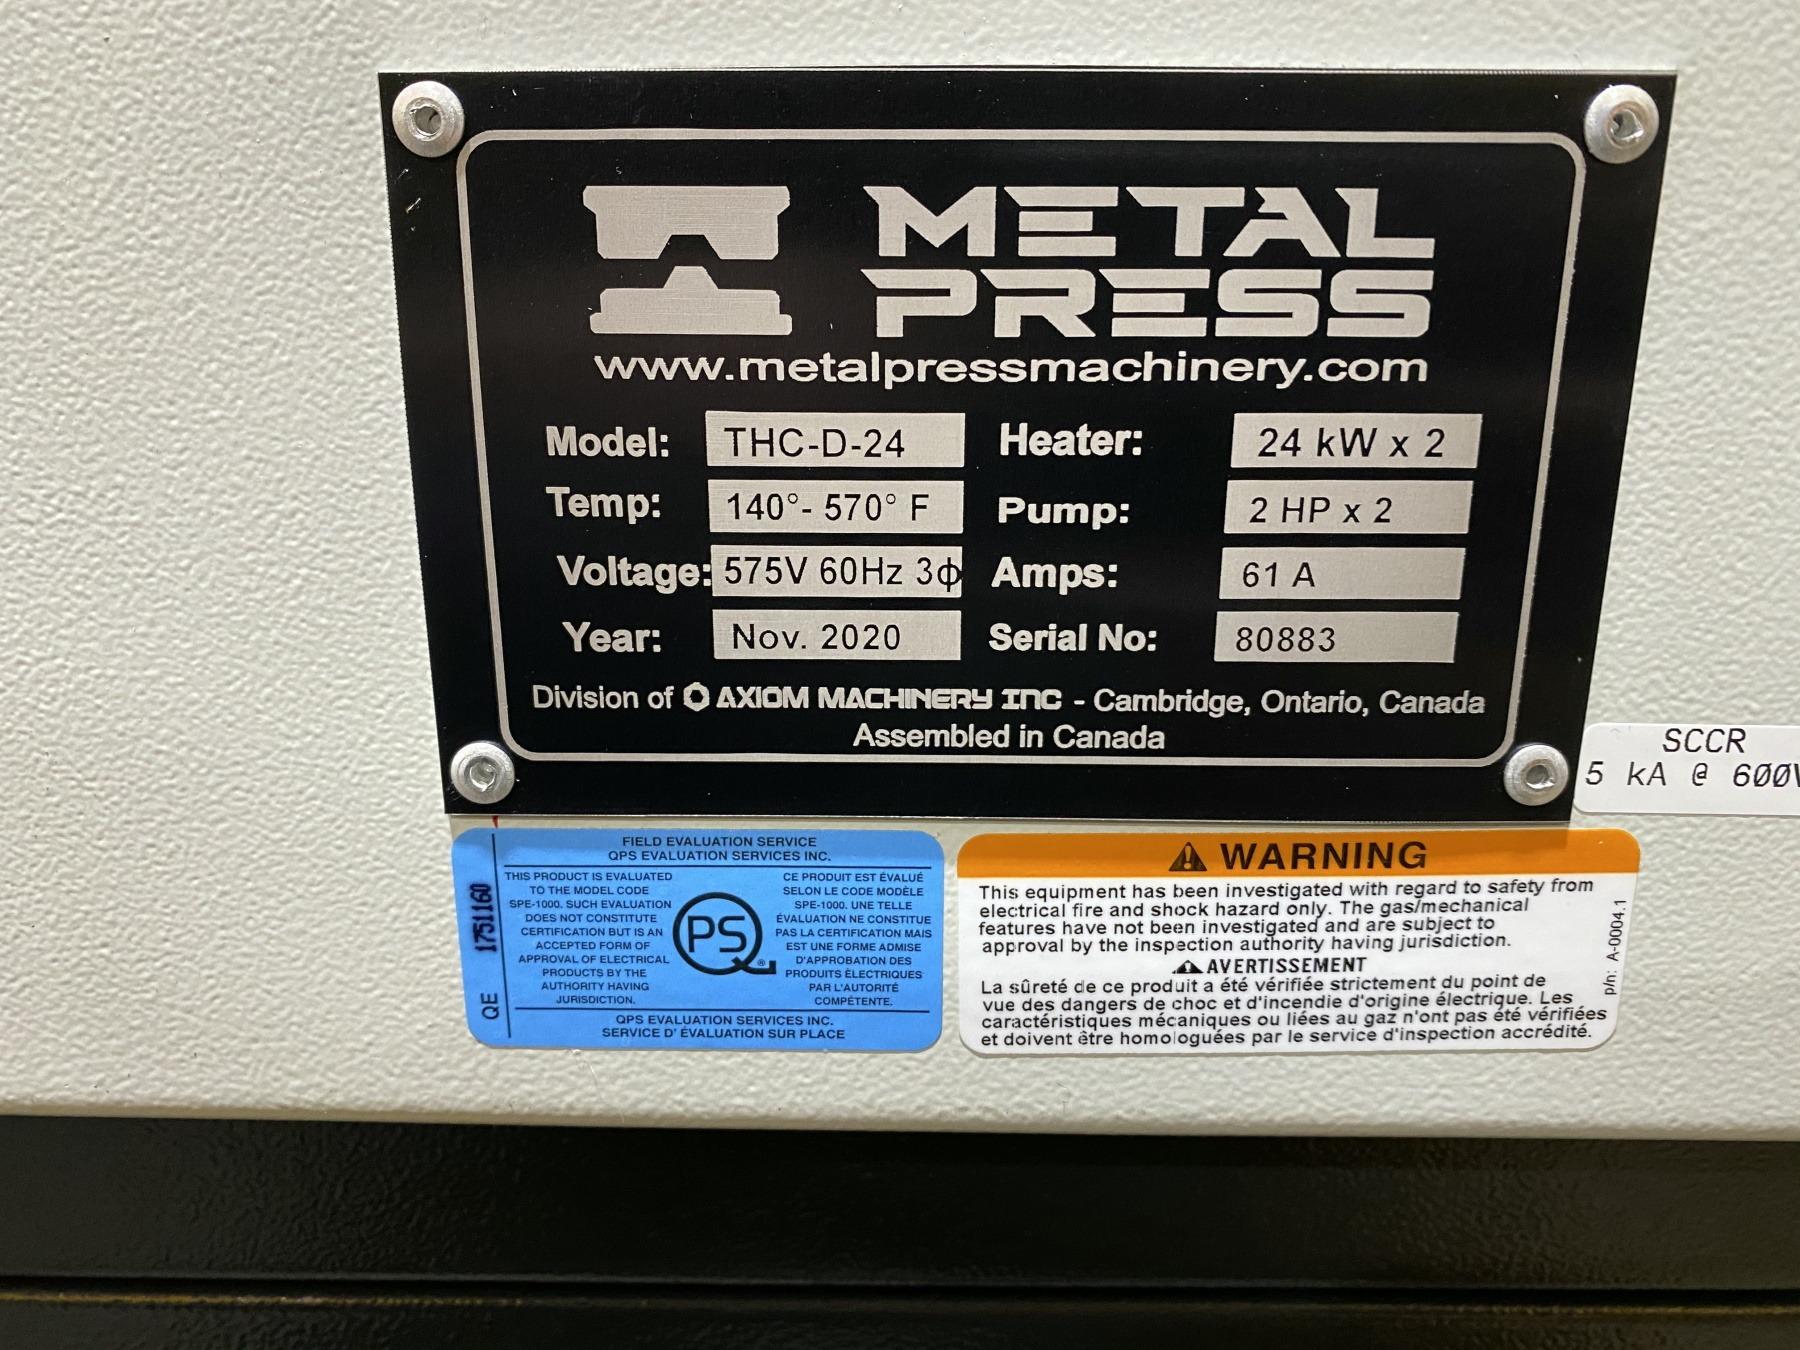 New MetalPress Hot Oil Temperature Control Unit #80883